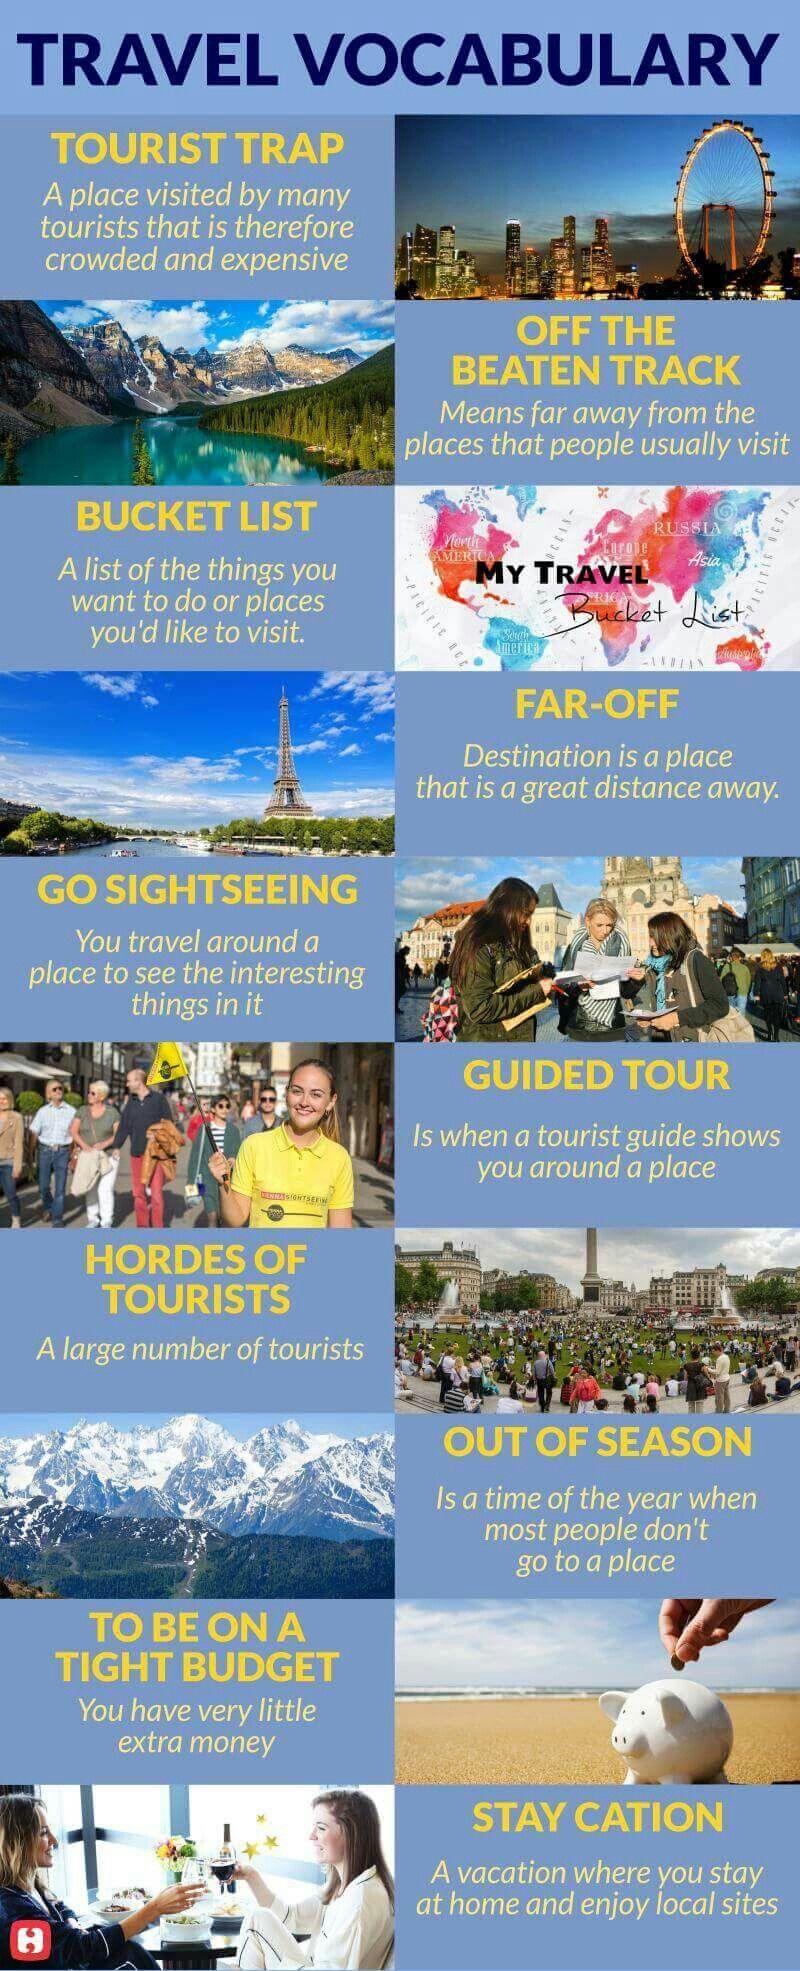 Travel Vocabulary Vocabulario En Ingles Viajes Cosas De Ingles